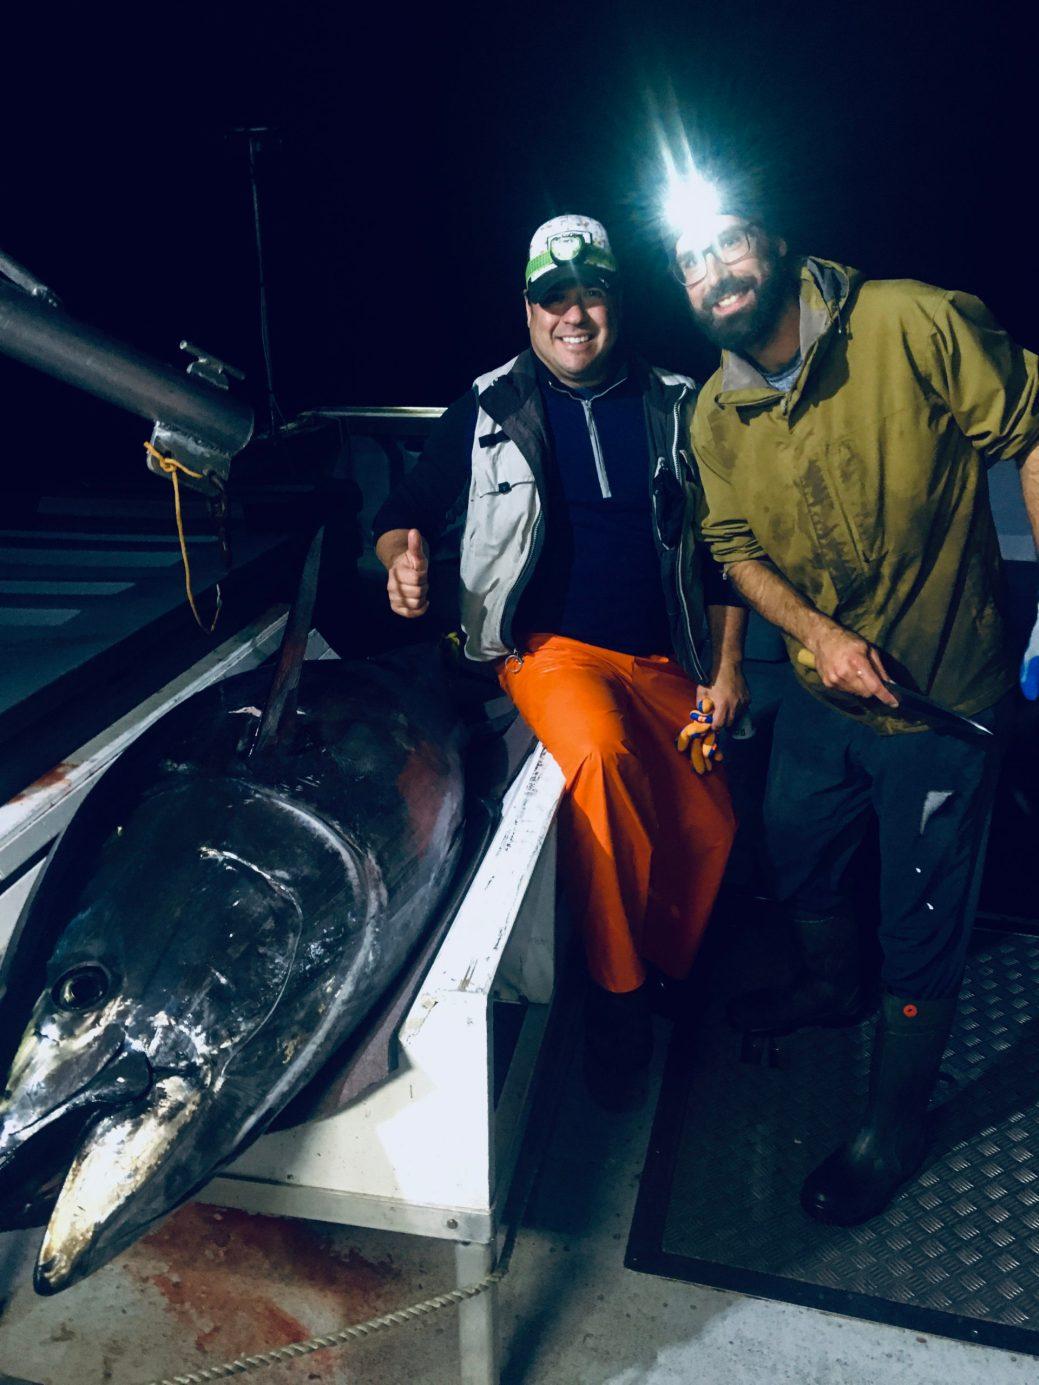 Robert Noël et Martin Mallet posent avec un thon rouge. - Gracieuseté